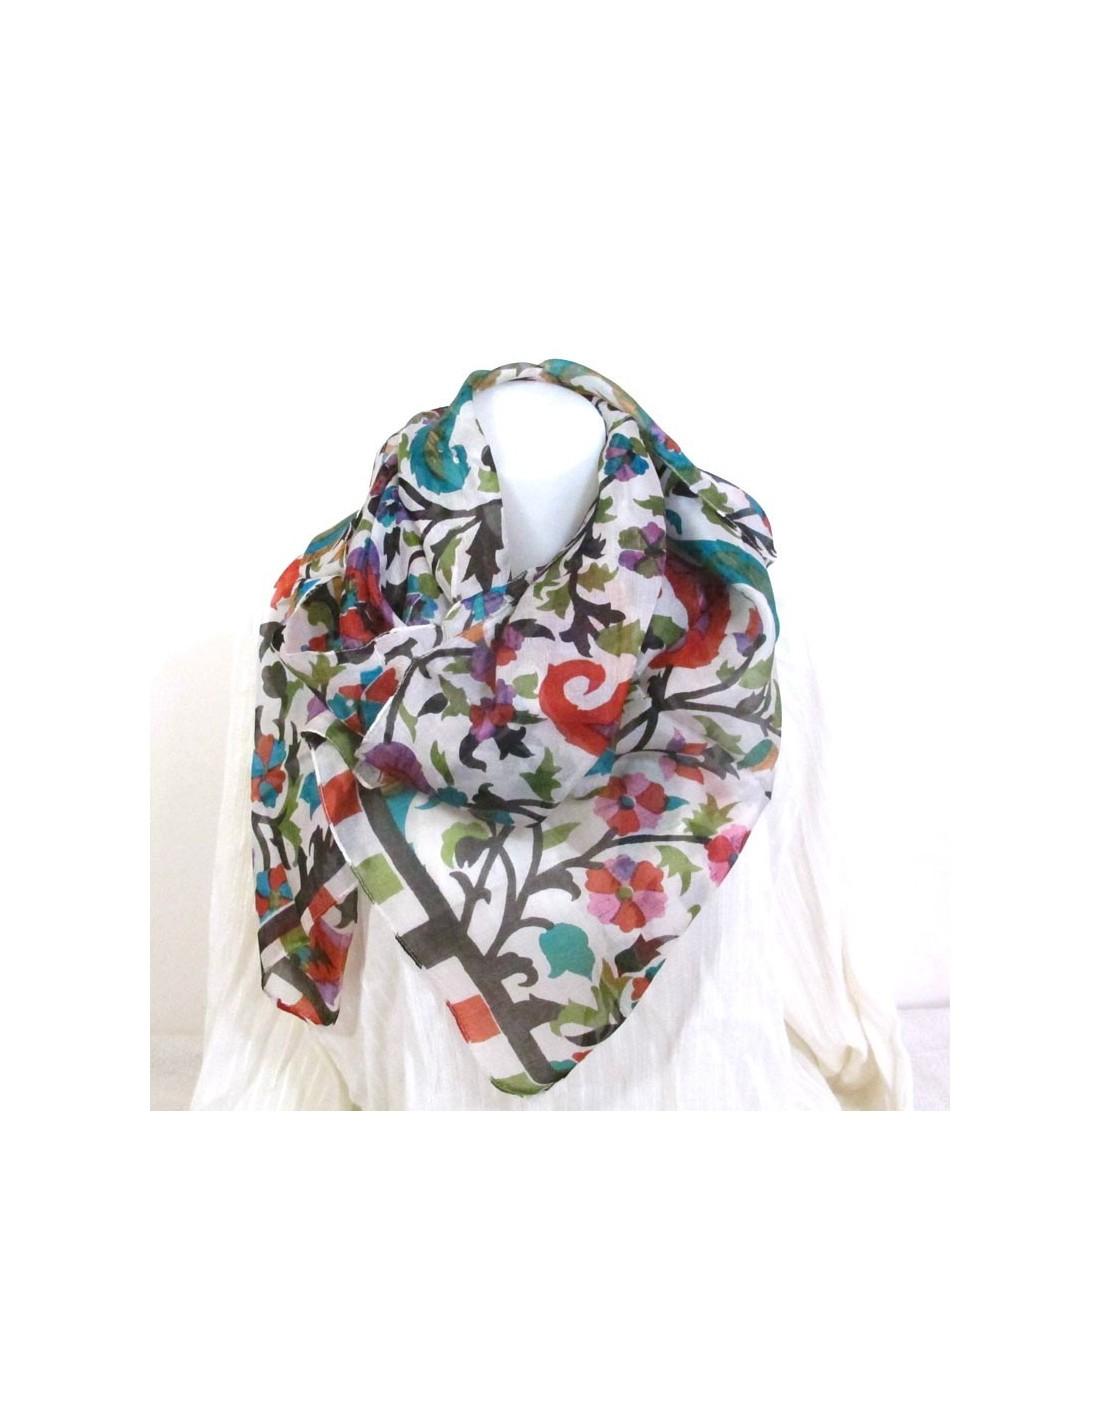 foualrd soie fleurs foulard pour cheveux fs101. Black Bedroom Furniture Sets. Home Design Ideas